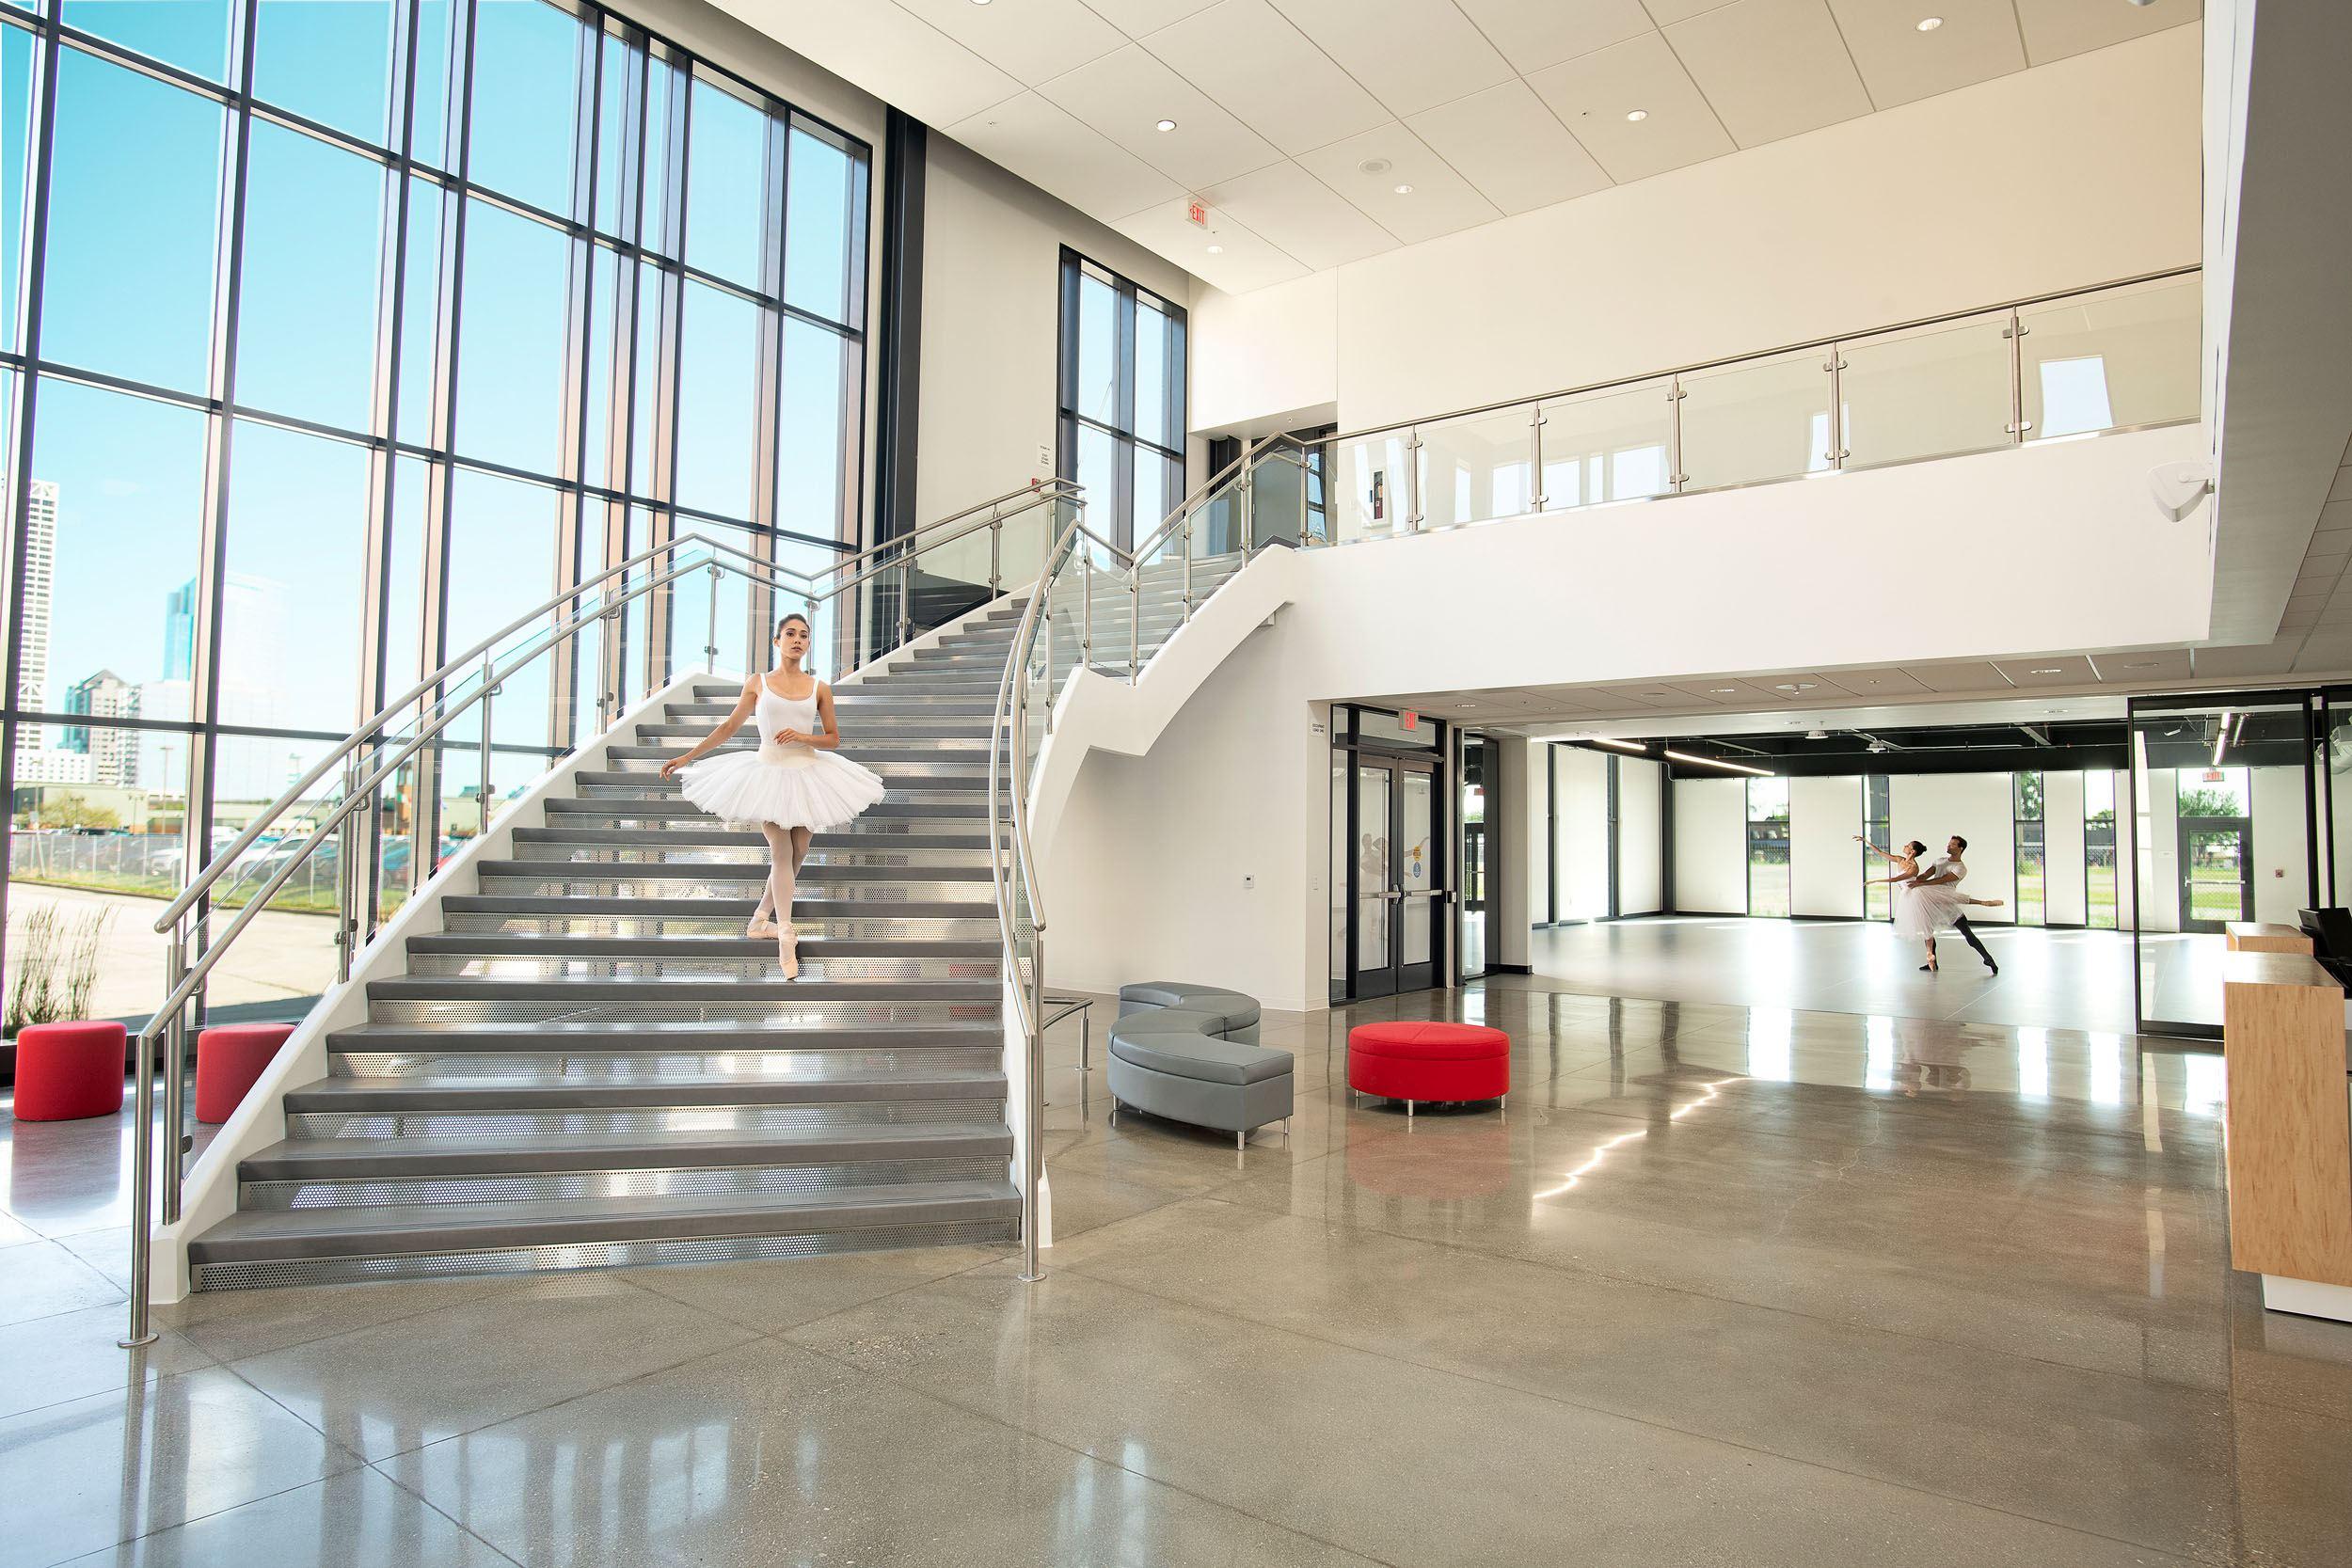 Milwaukee Ballet interior staircase